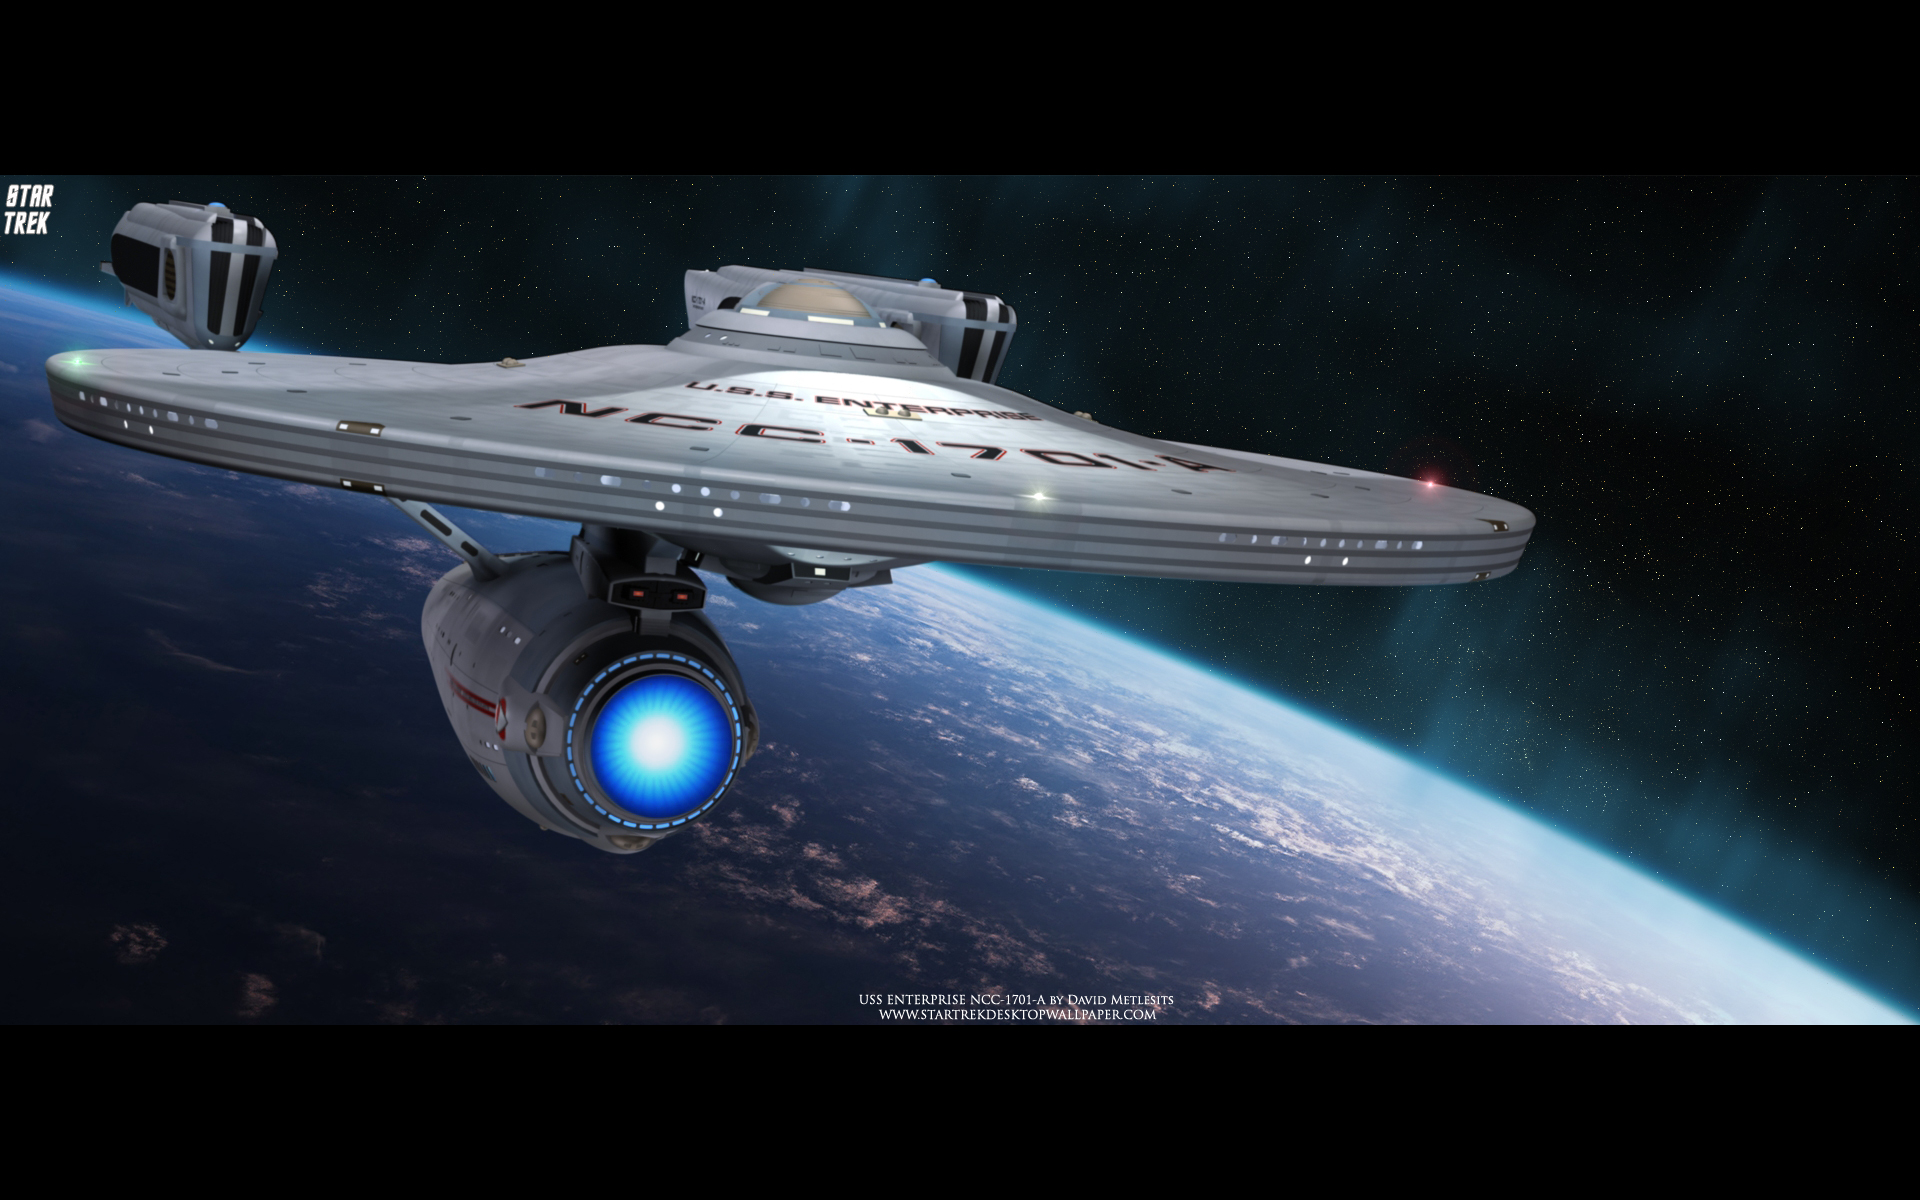 USS Enterprise NCC 1701 A   Star Trek computer desktop wallpaper 1920x1200